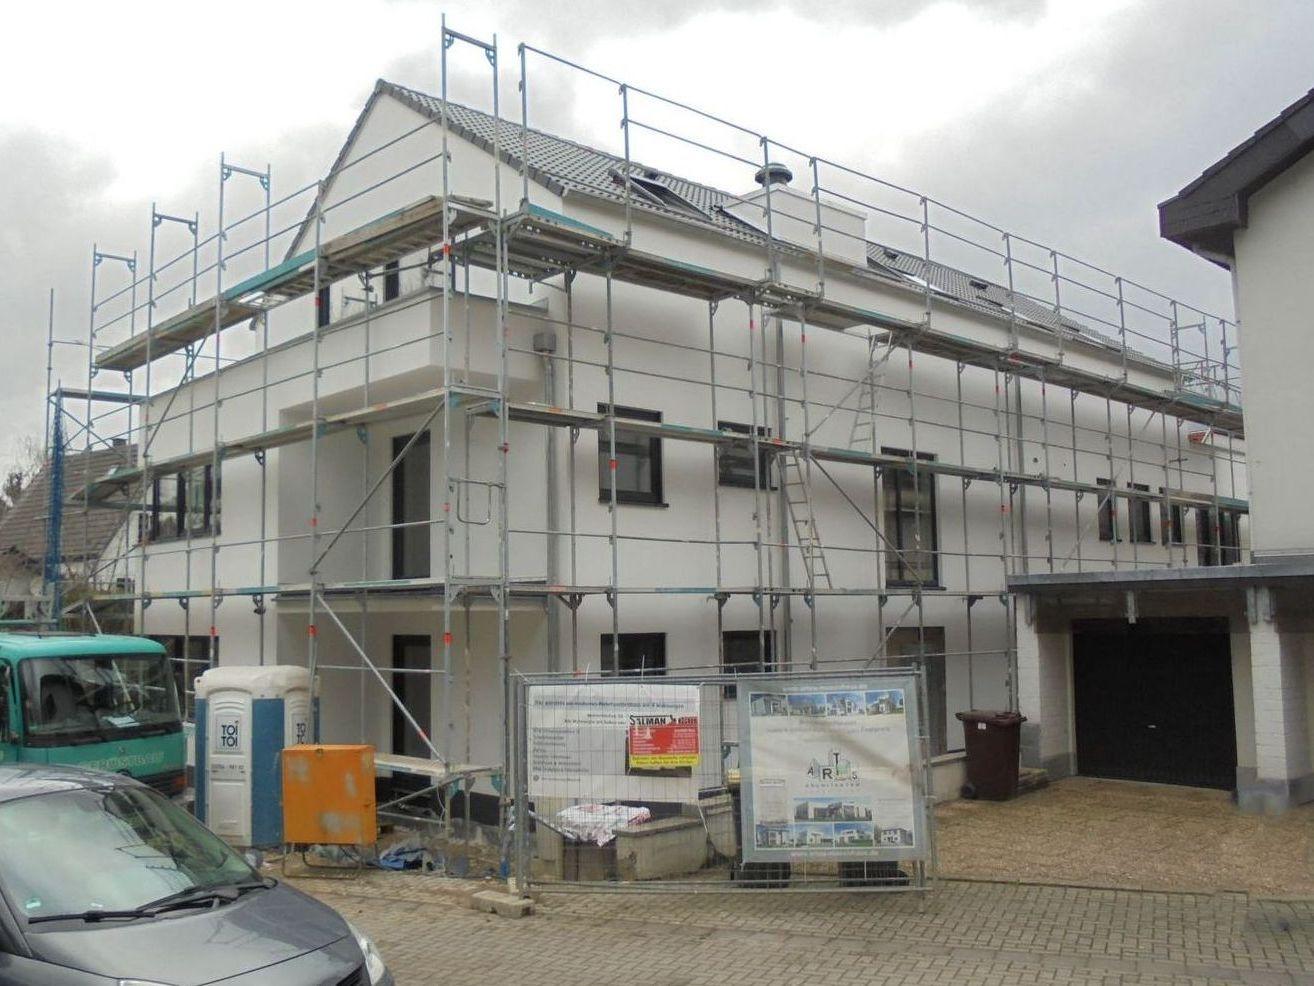 Baustelle Pulheim, Außenputz ARTOS-HAUS Bild 4